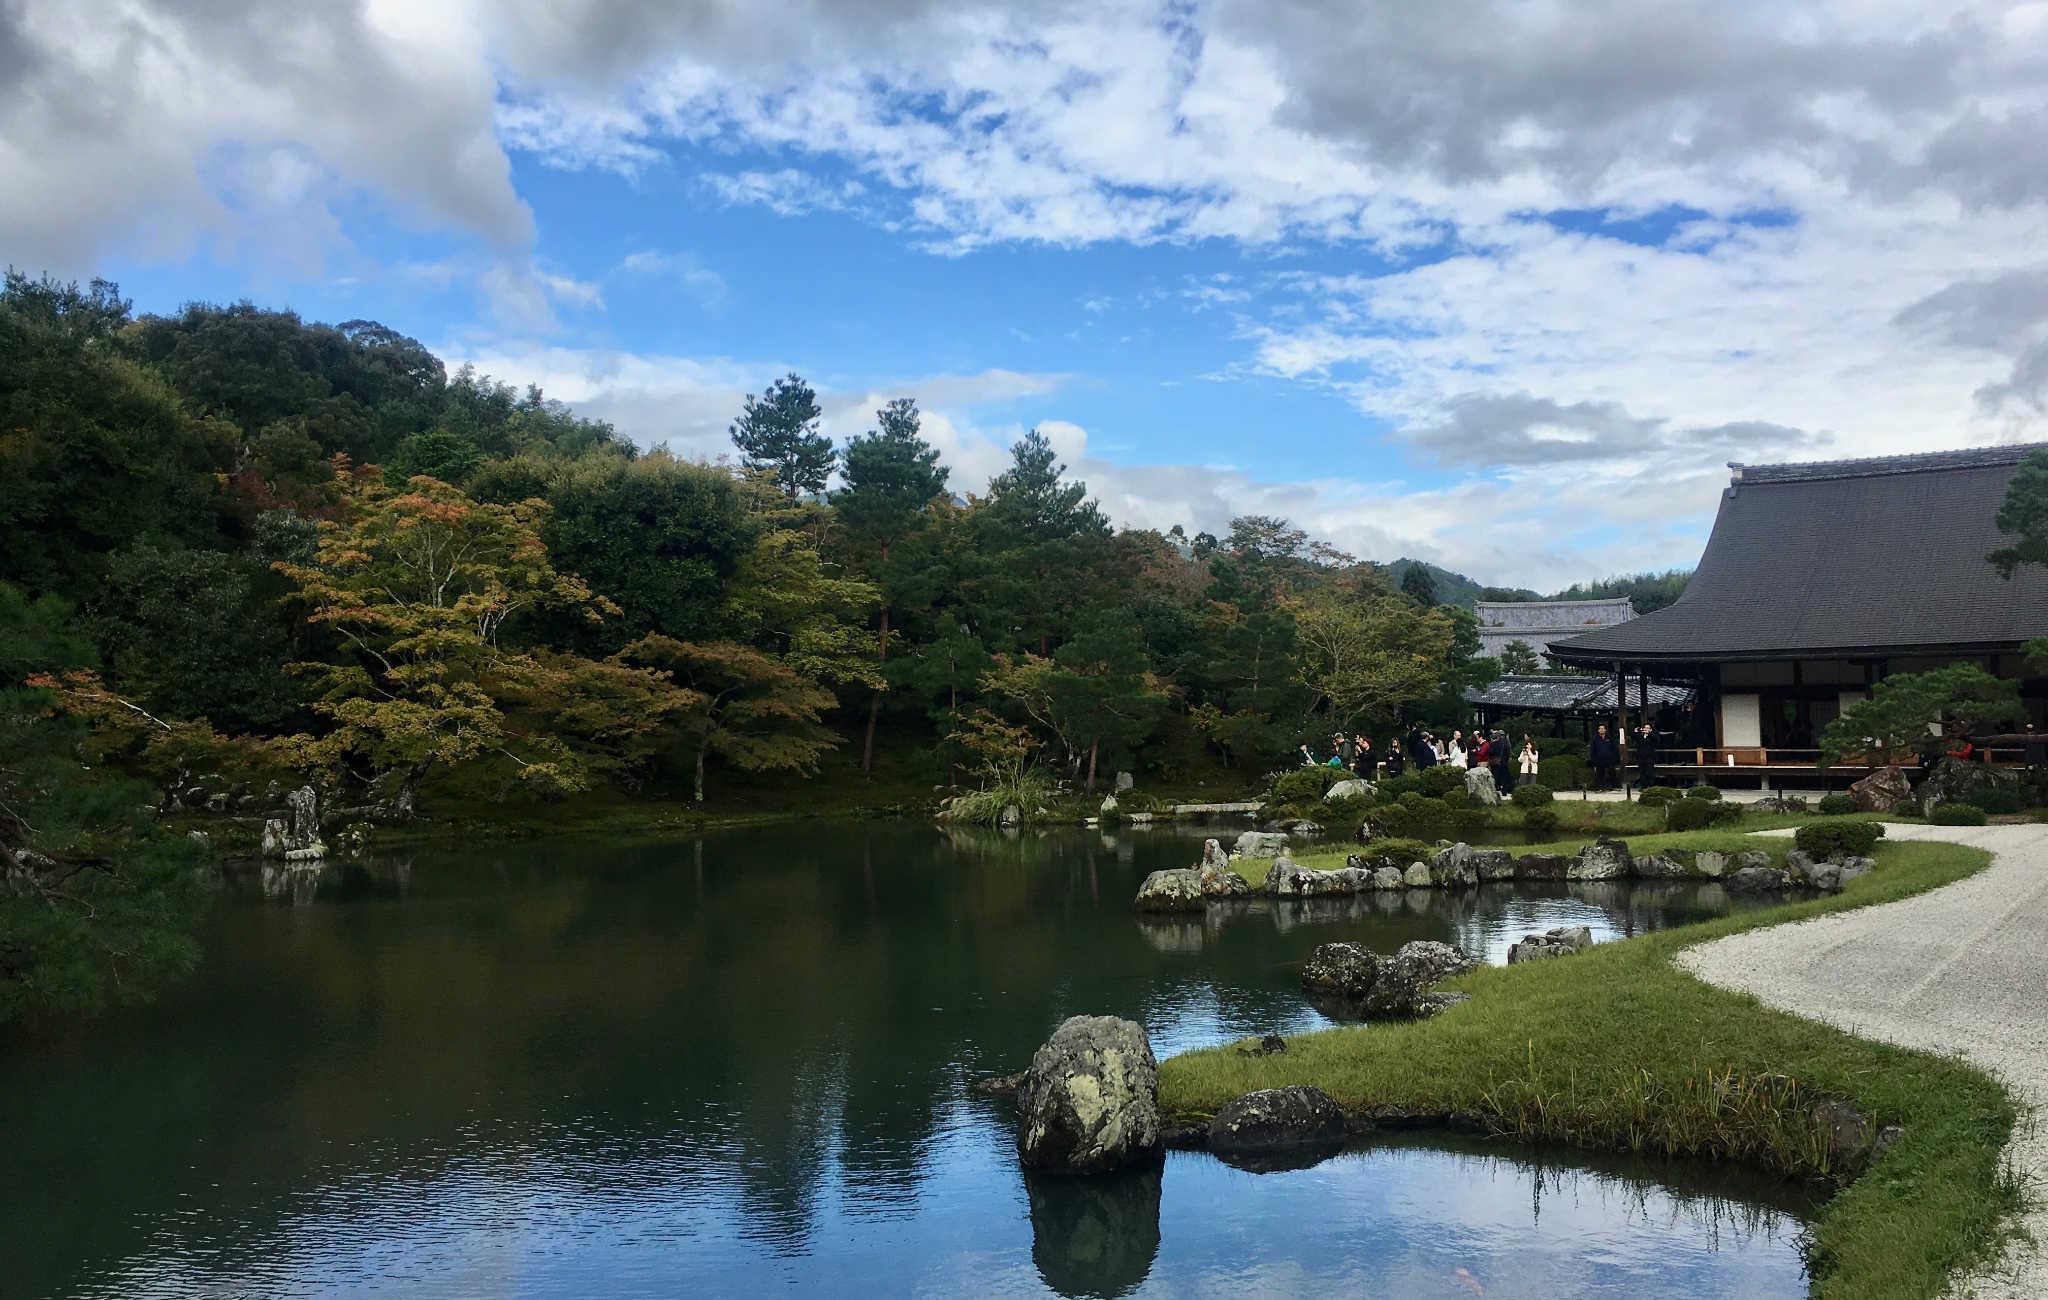 Le temple est construit à côté d'un lac entouré d'arbres